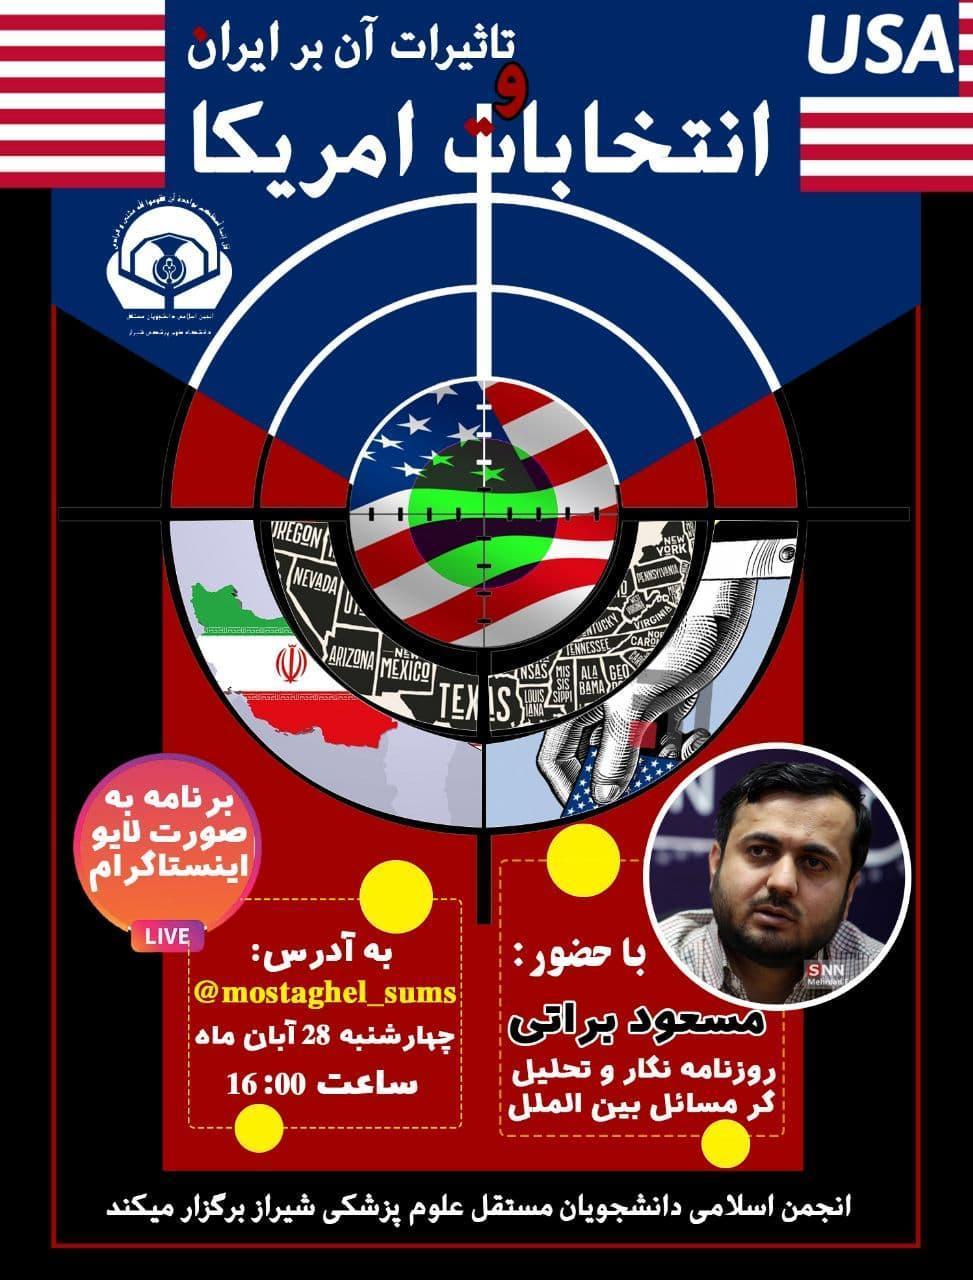 نشست انتخابات آمریکا و تاثیرات آن بر ایران از سوی انجمن اسلامی مستقل علوم پزشکی شیراز برگزار می شود